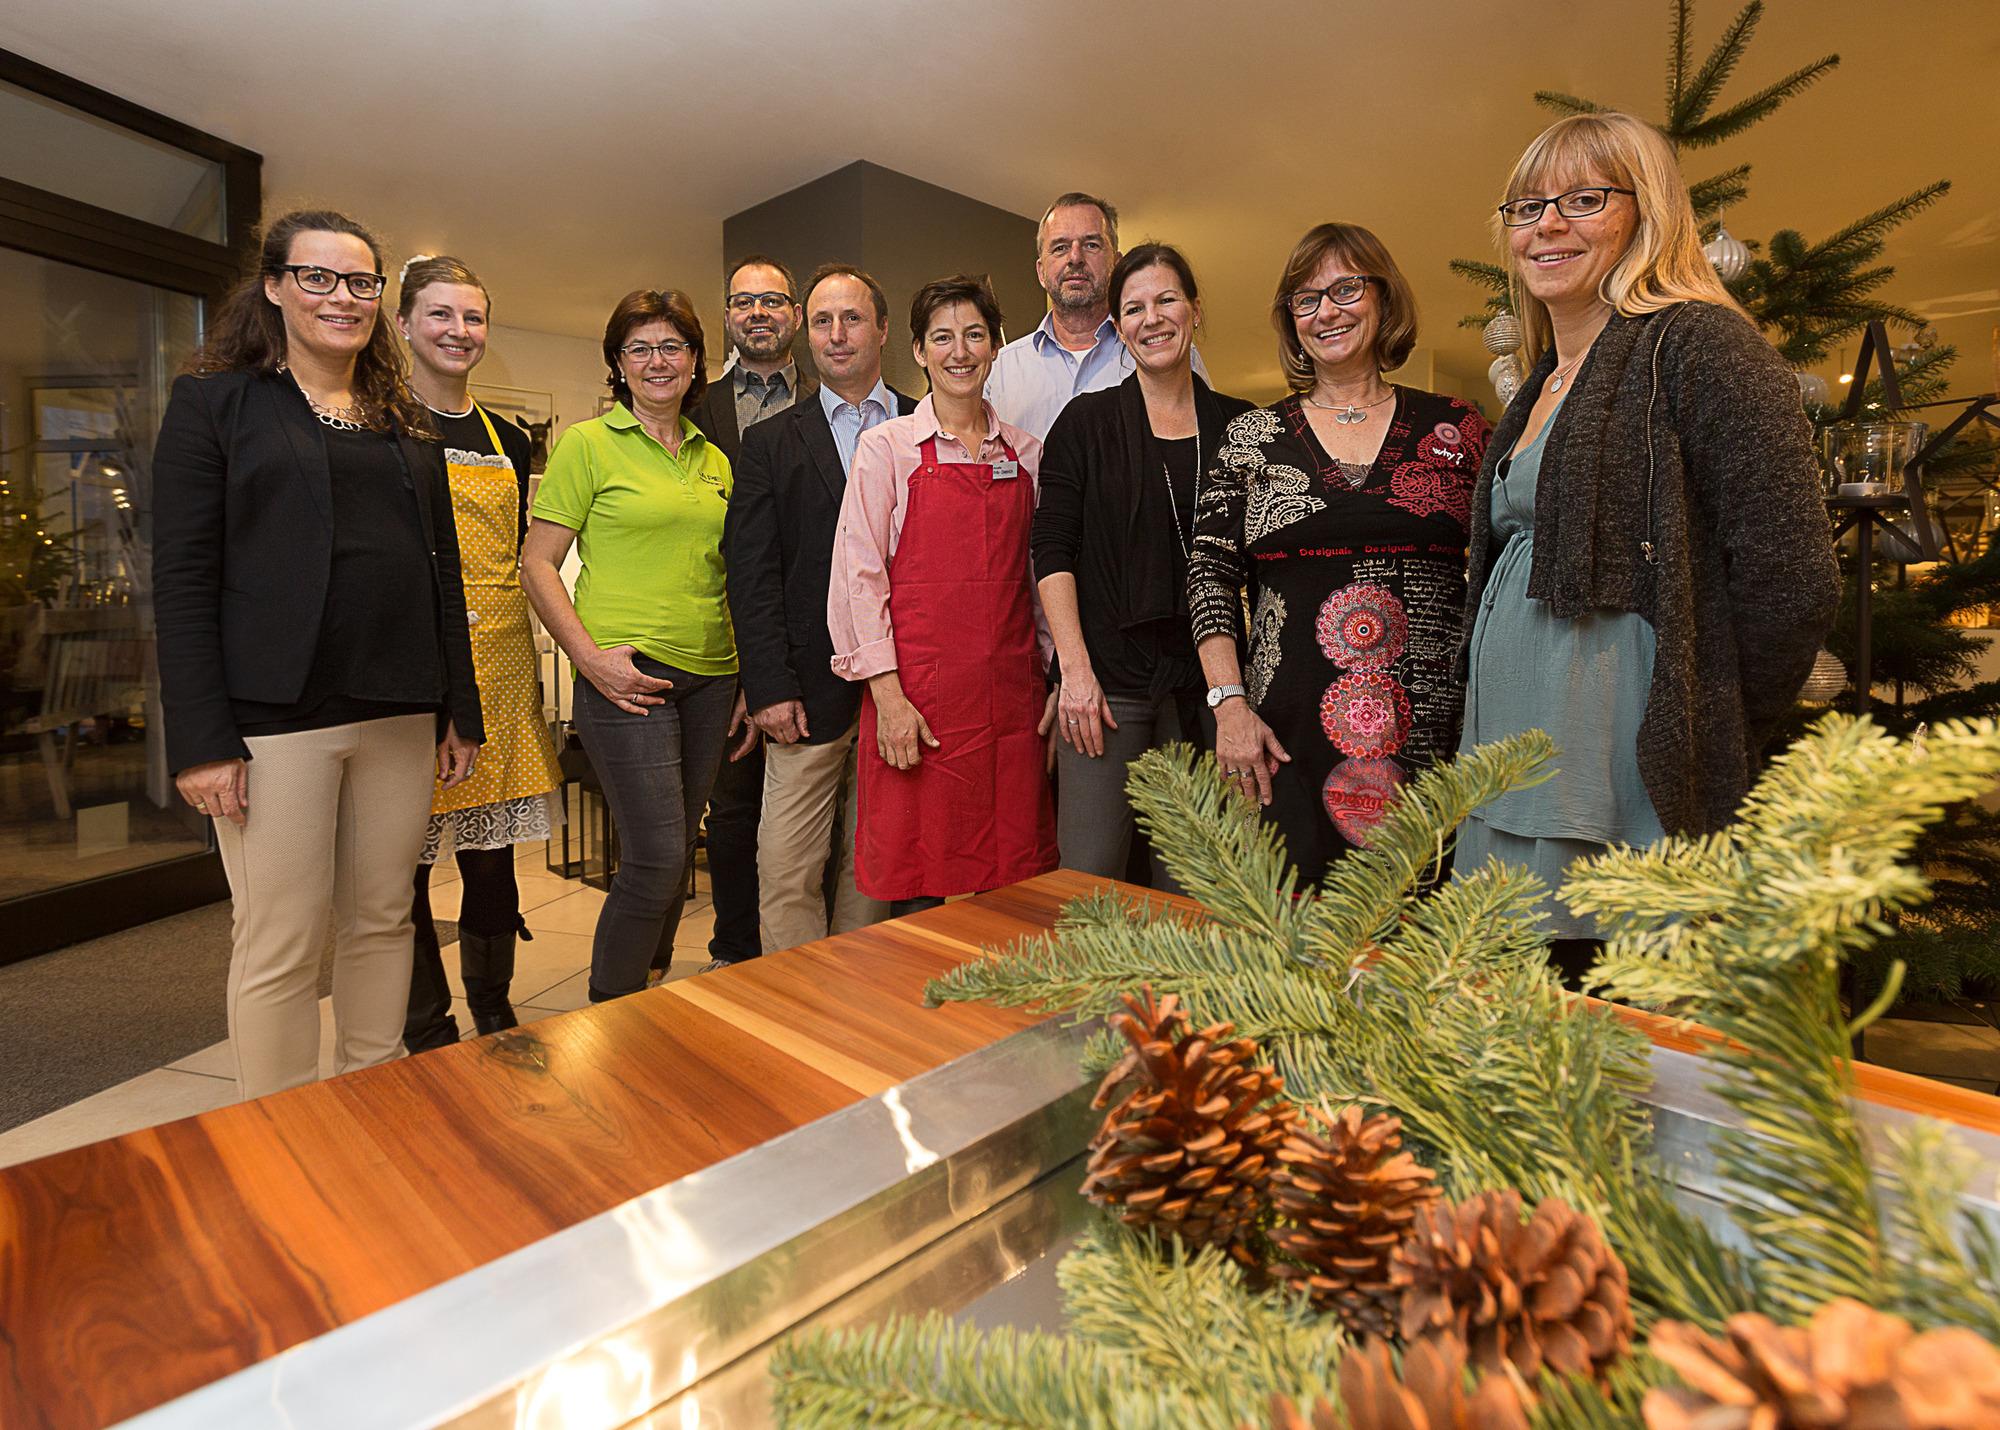 Weihnachtsküche und Blüten(t)räume - Serie Weihnachtsaktion ...